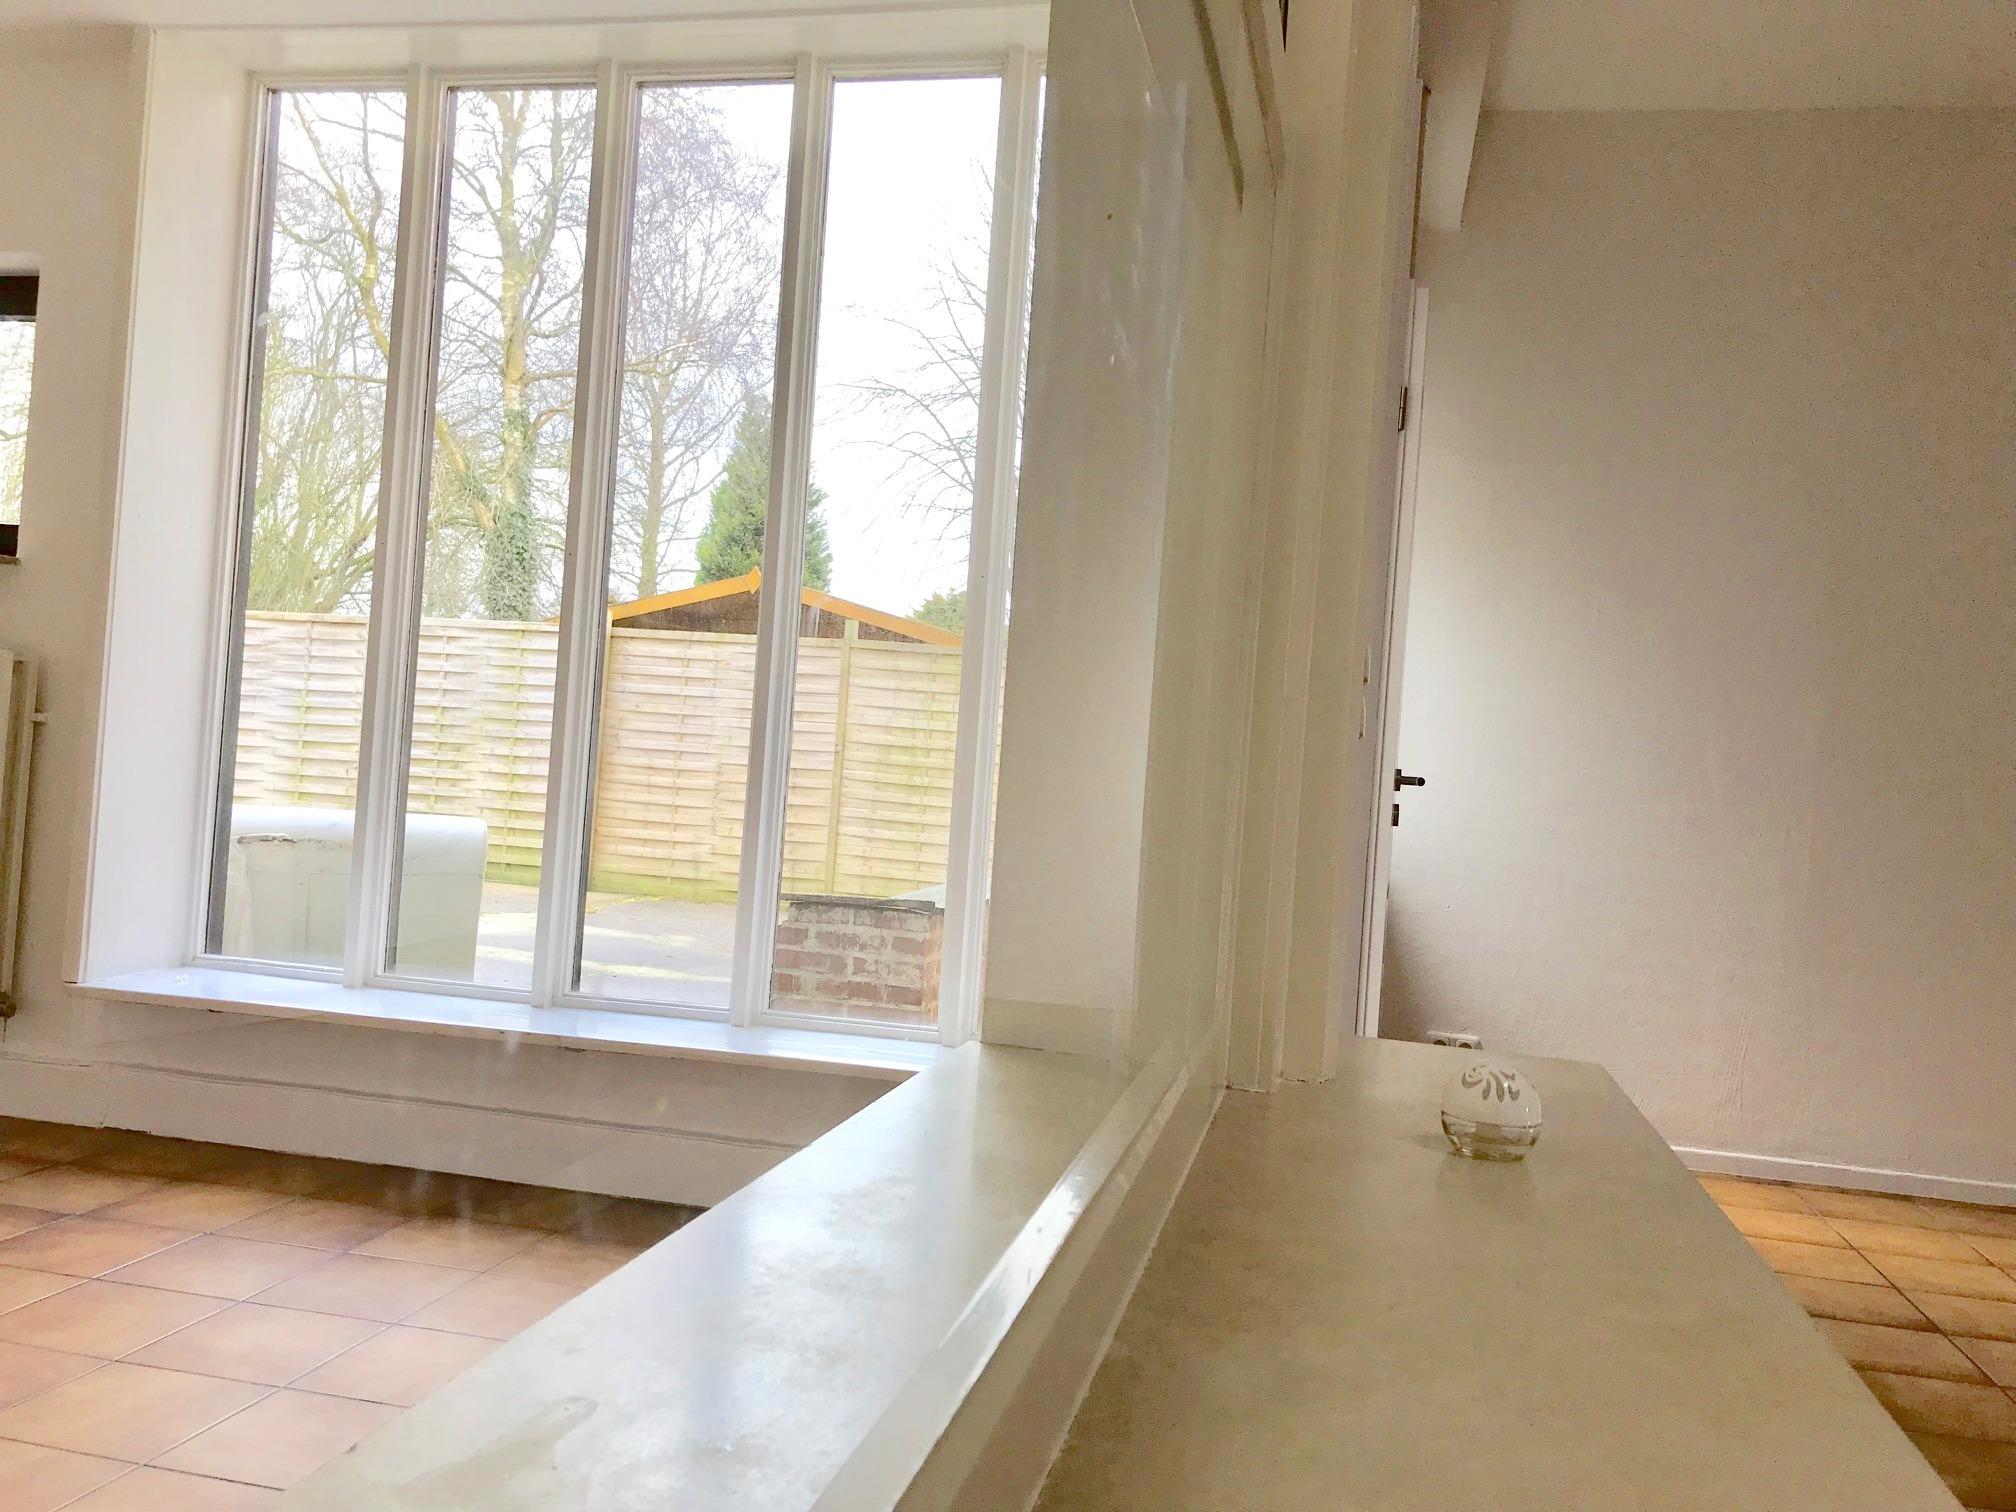 Schöne Wohnung In Historischem Haus In Tönning Ulrich Schmidt